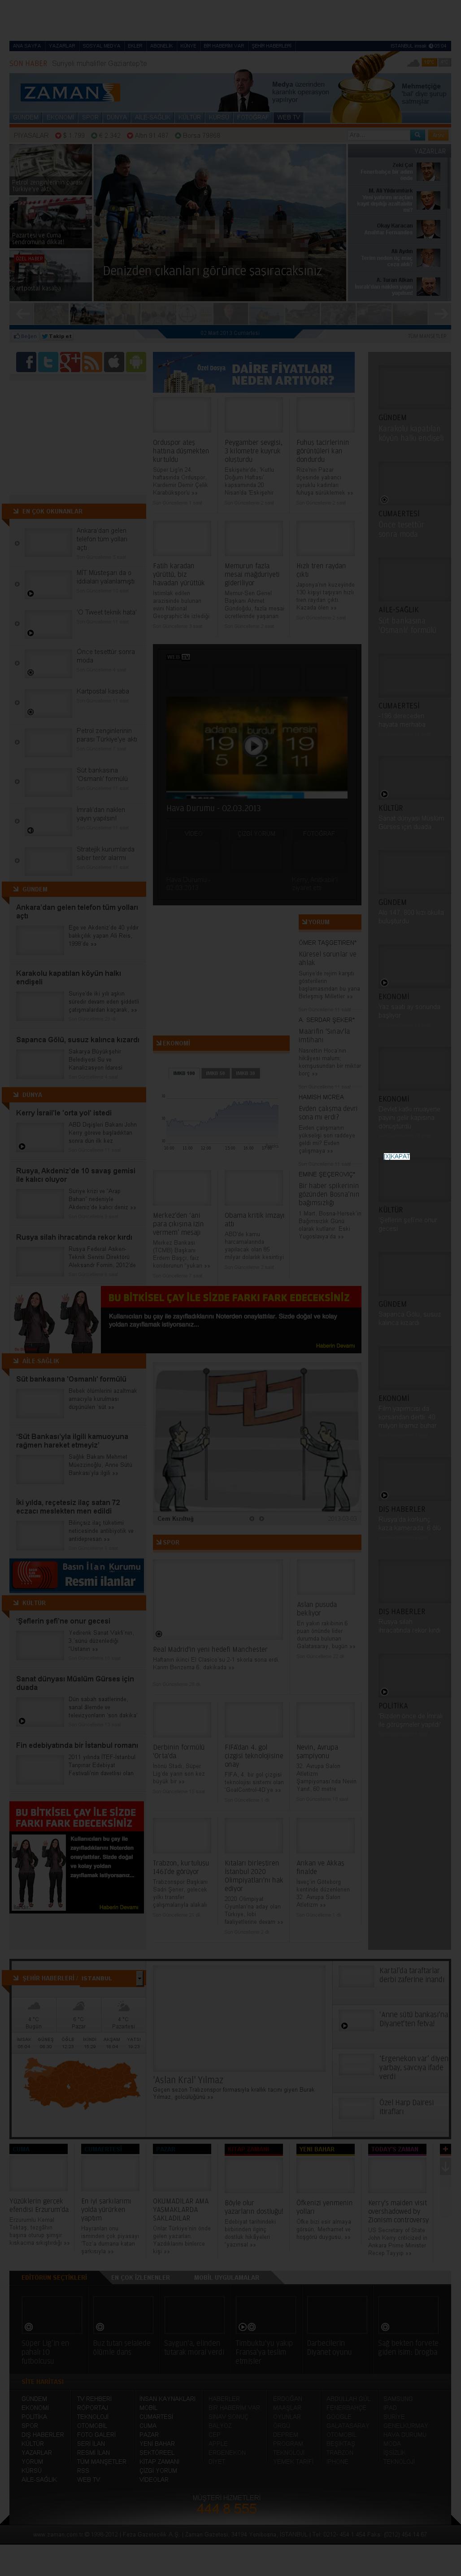 Zaman Online at Saturday March 2, 2013, 7:24 p.m. UTC